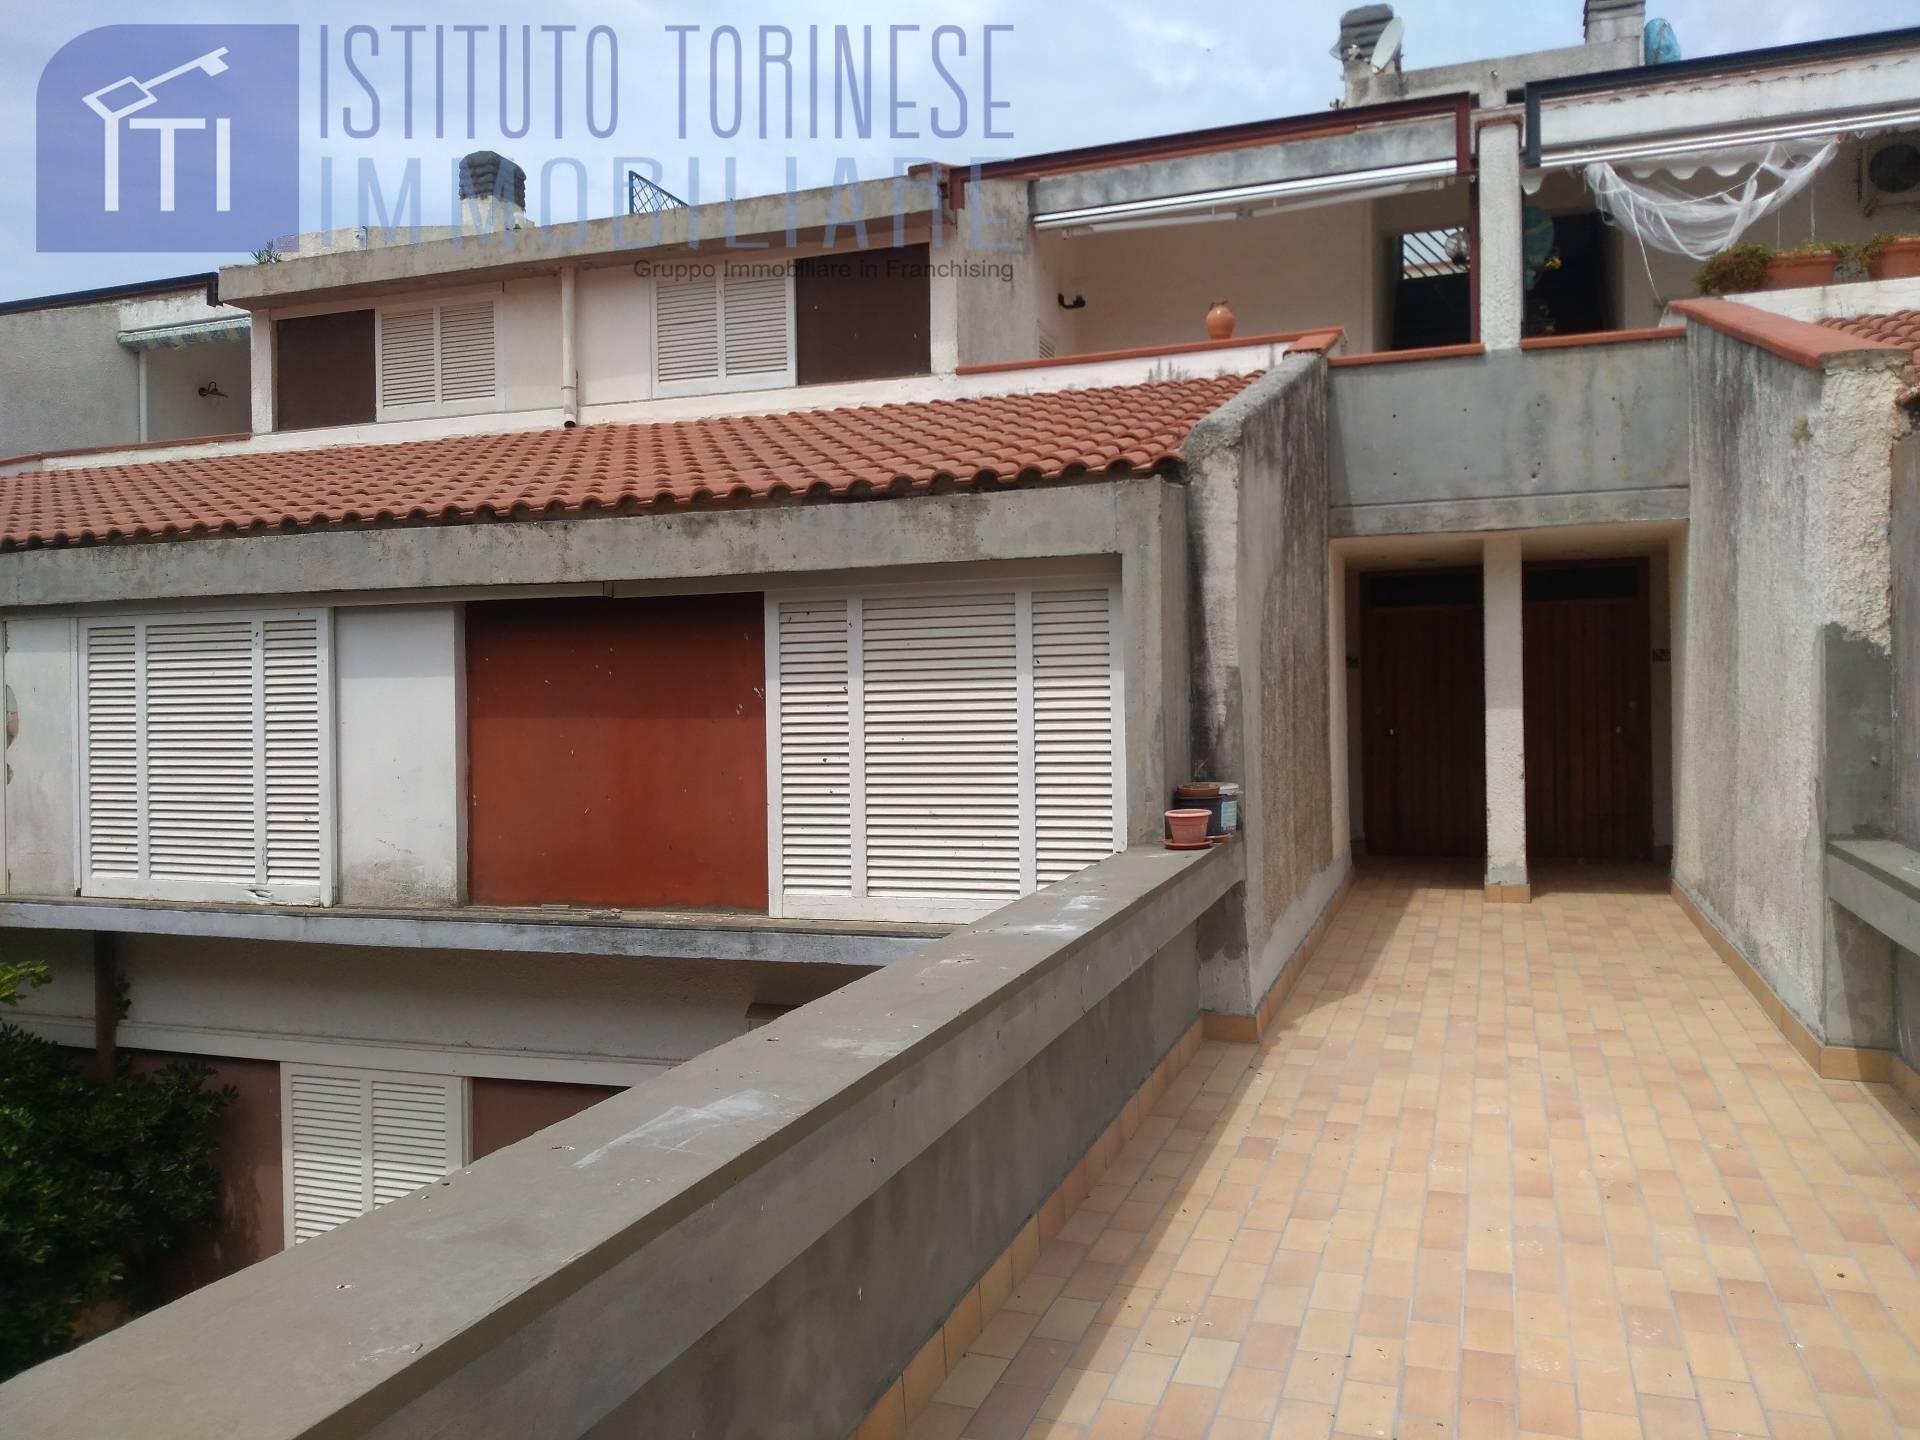 Appartamento in affitto a Sessa Aurunca, 2 locali, prezzo € 1.150 | CambioCasa.it